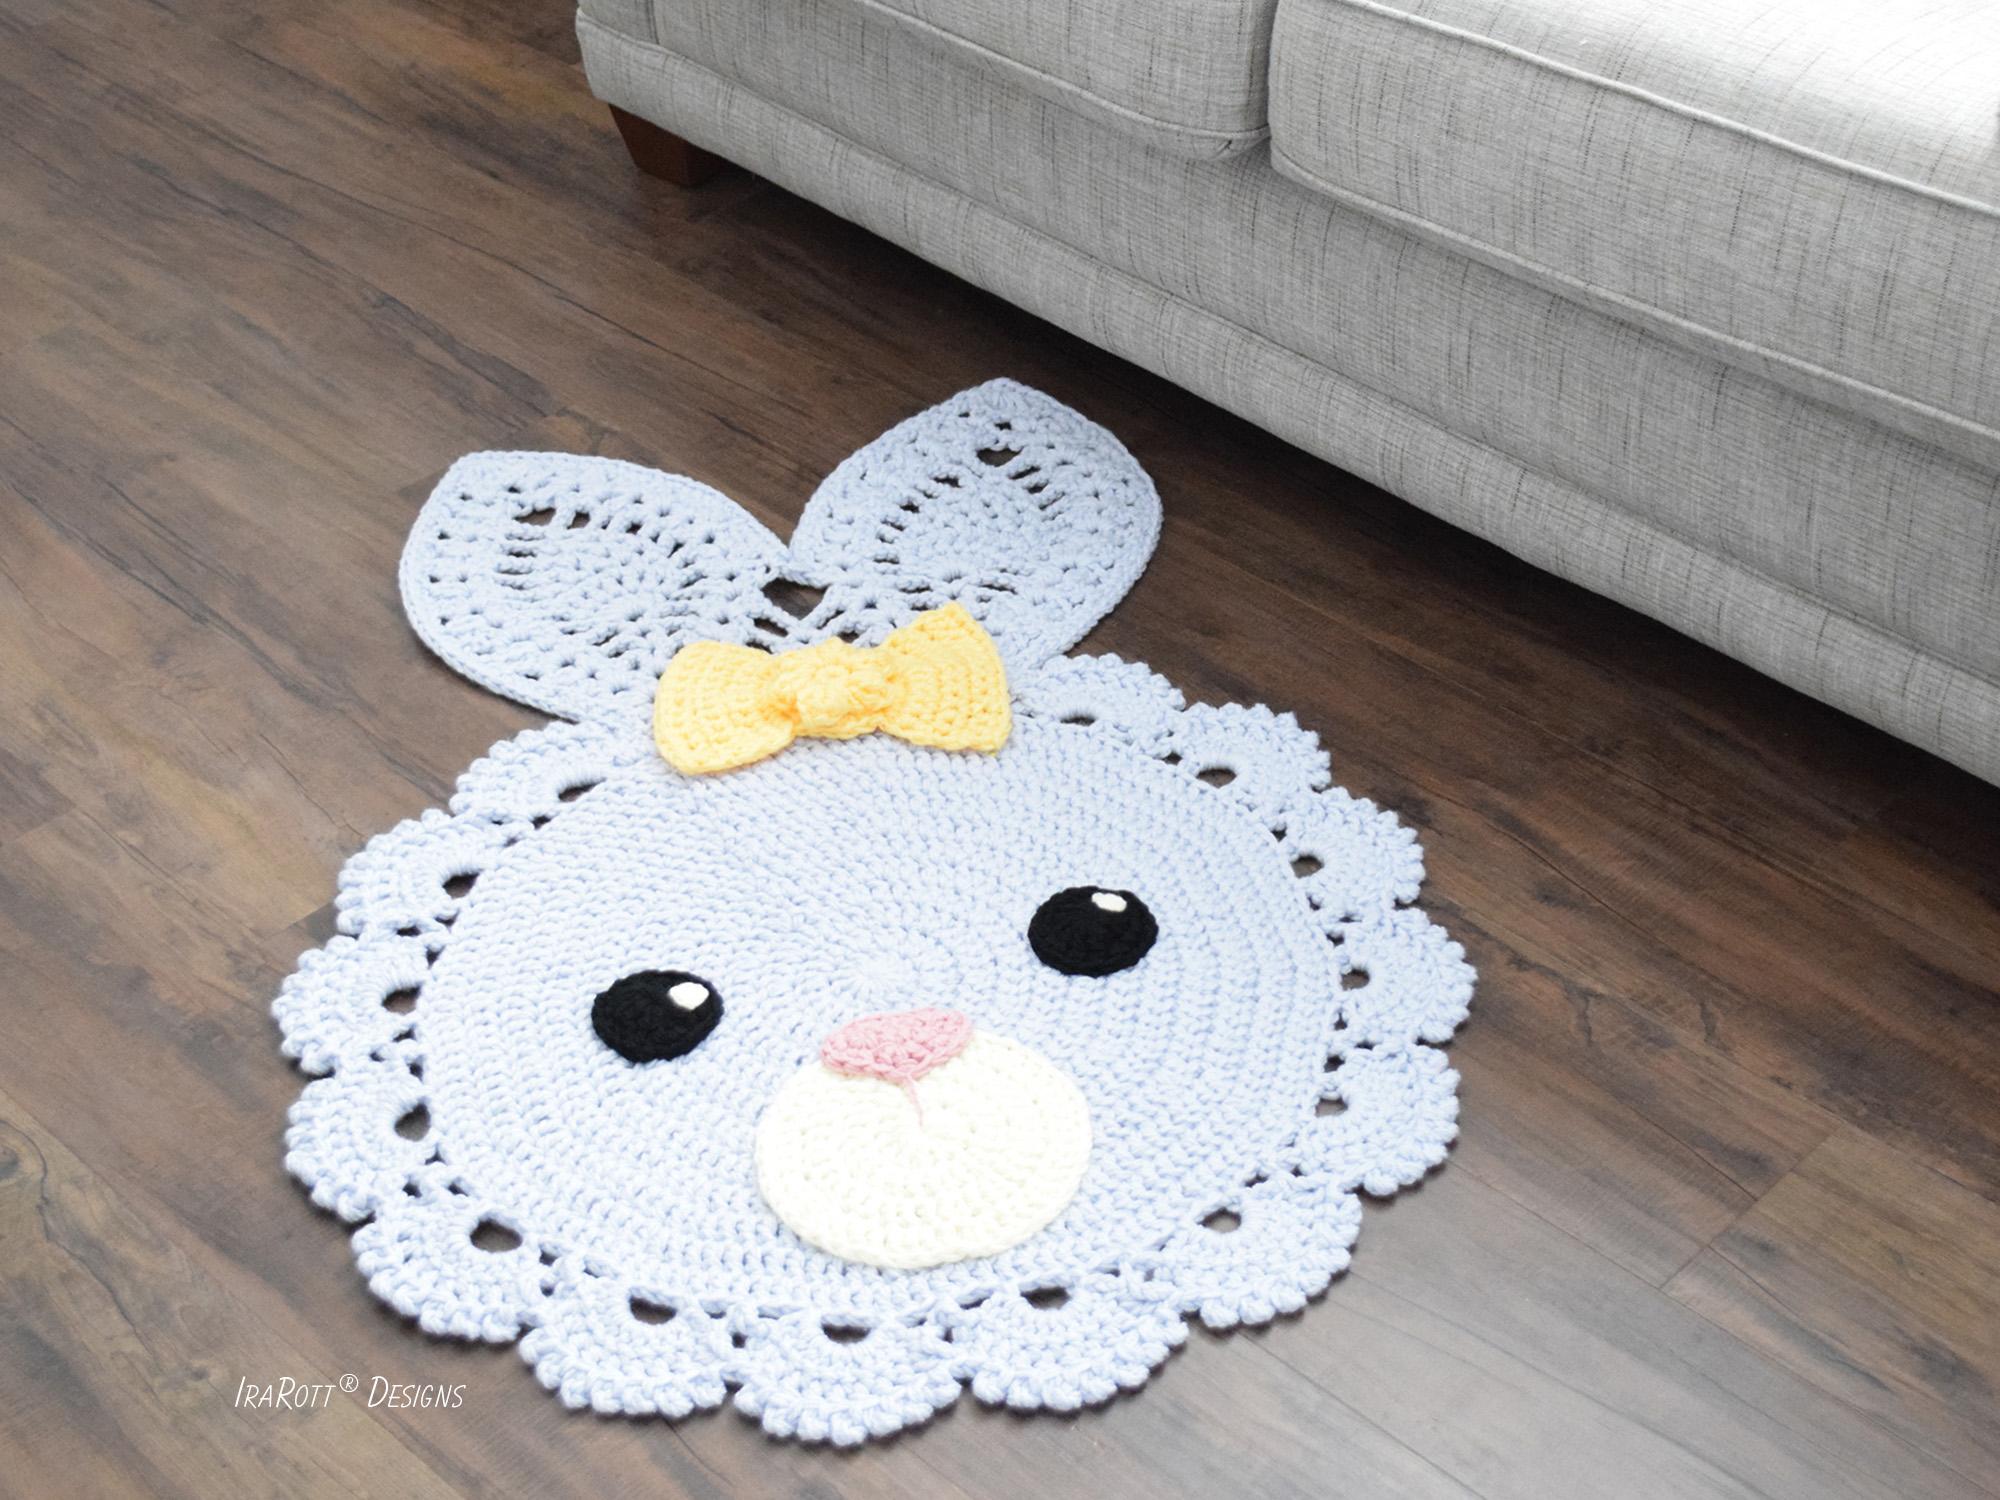 Sunny The Playful Bunny